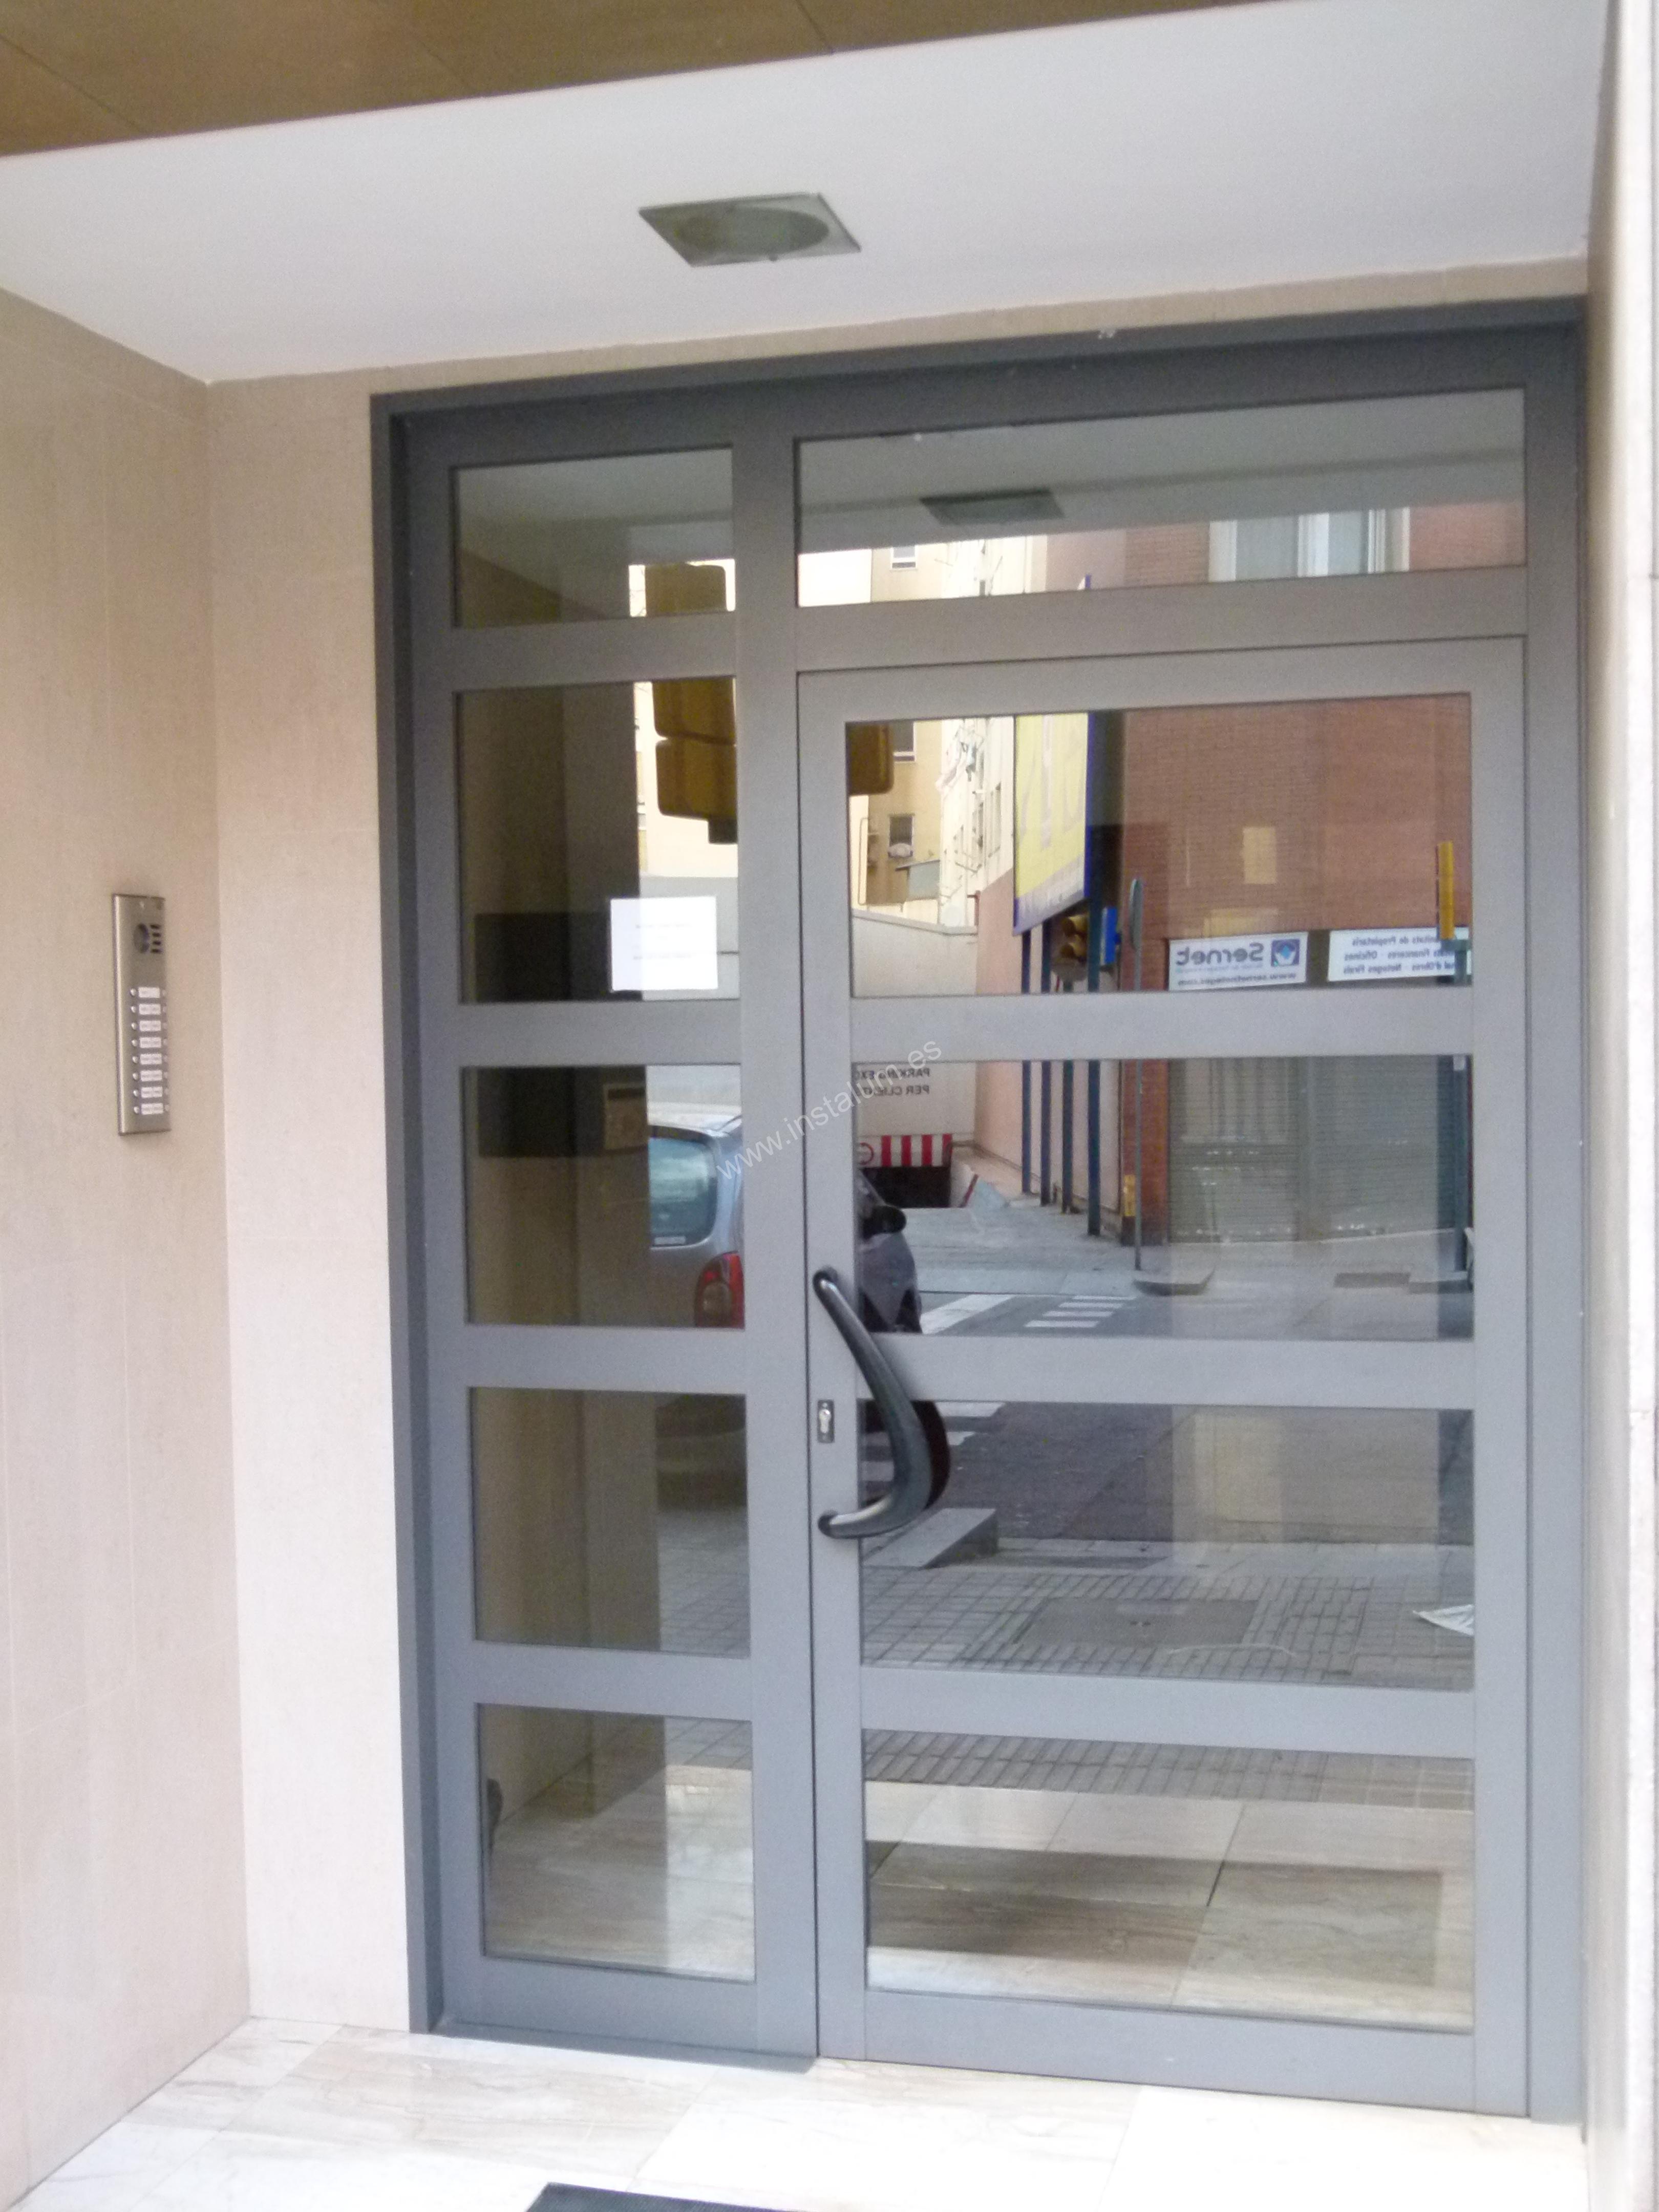 Puertas comunidad aluminio hierro y vidrio - Puerta de aluminio y vidrio ...